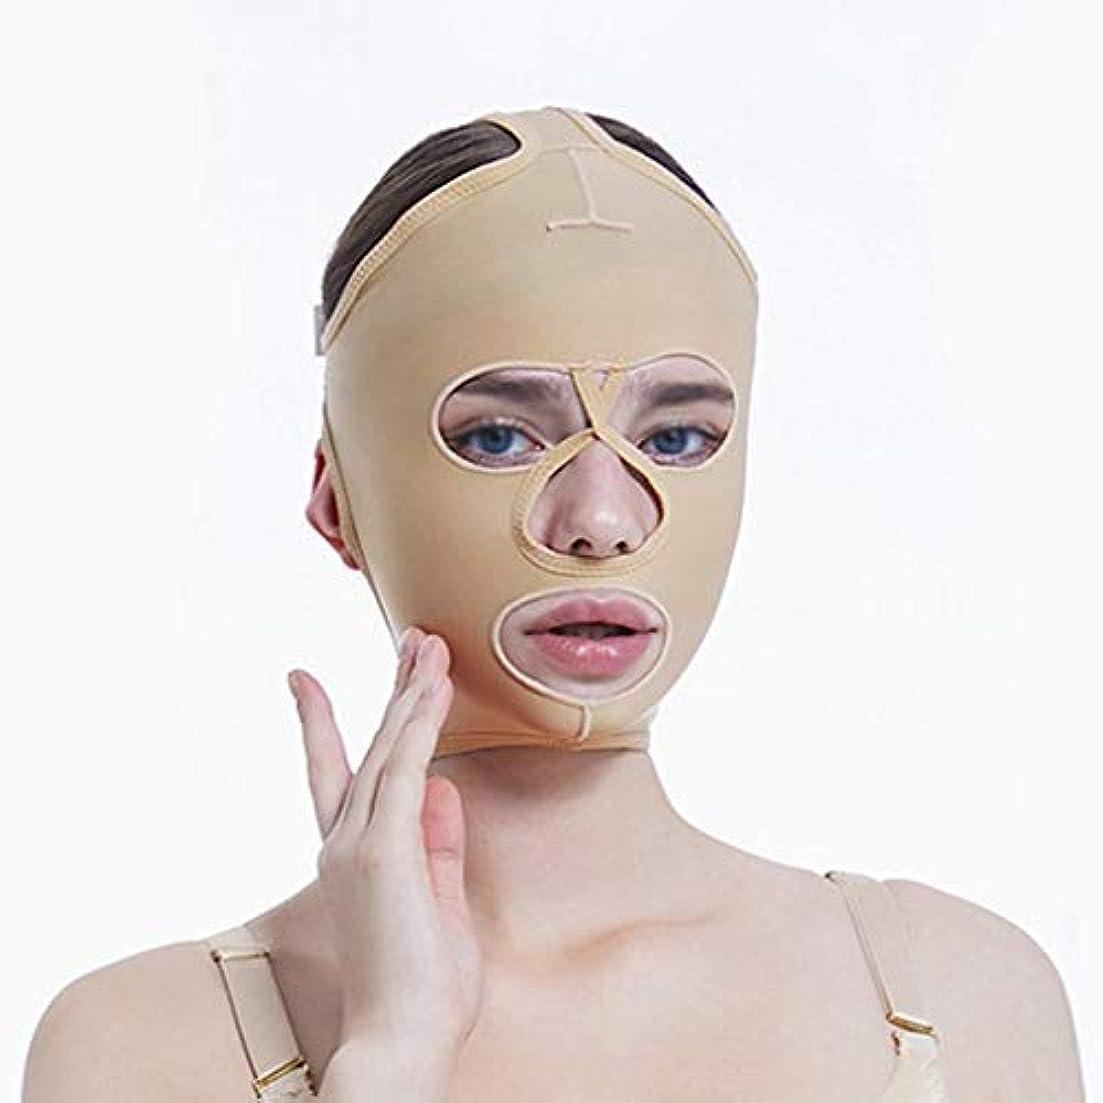 怪物学生葡萄チンリフティングベルト、超薄型ベルト、引き締めマスク、包帯吊り、フェイスリフティングマスク、超薄型ベルト、通気性(サイズ:L),ザ?